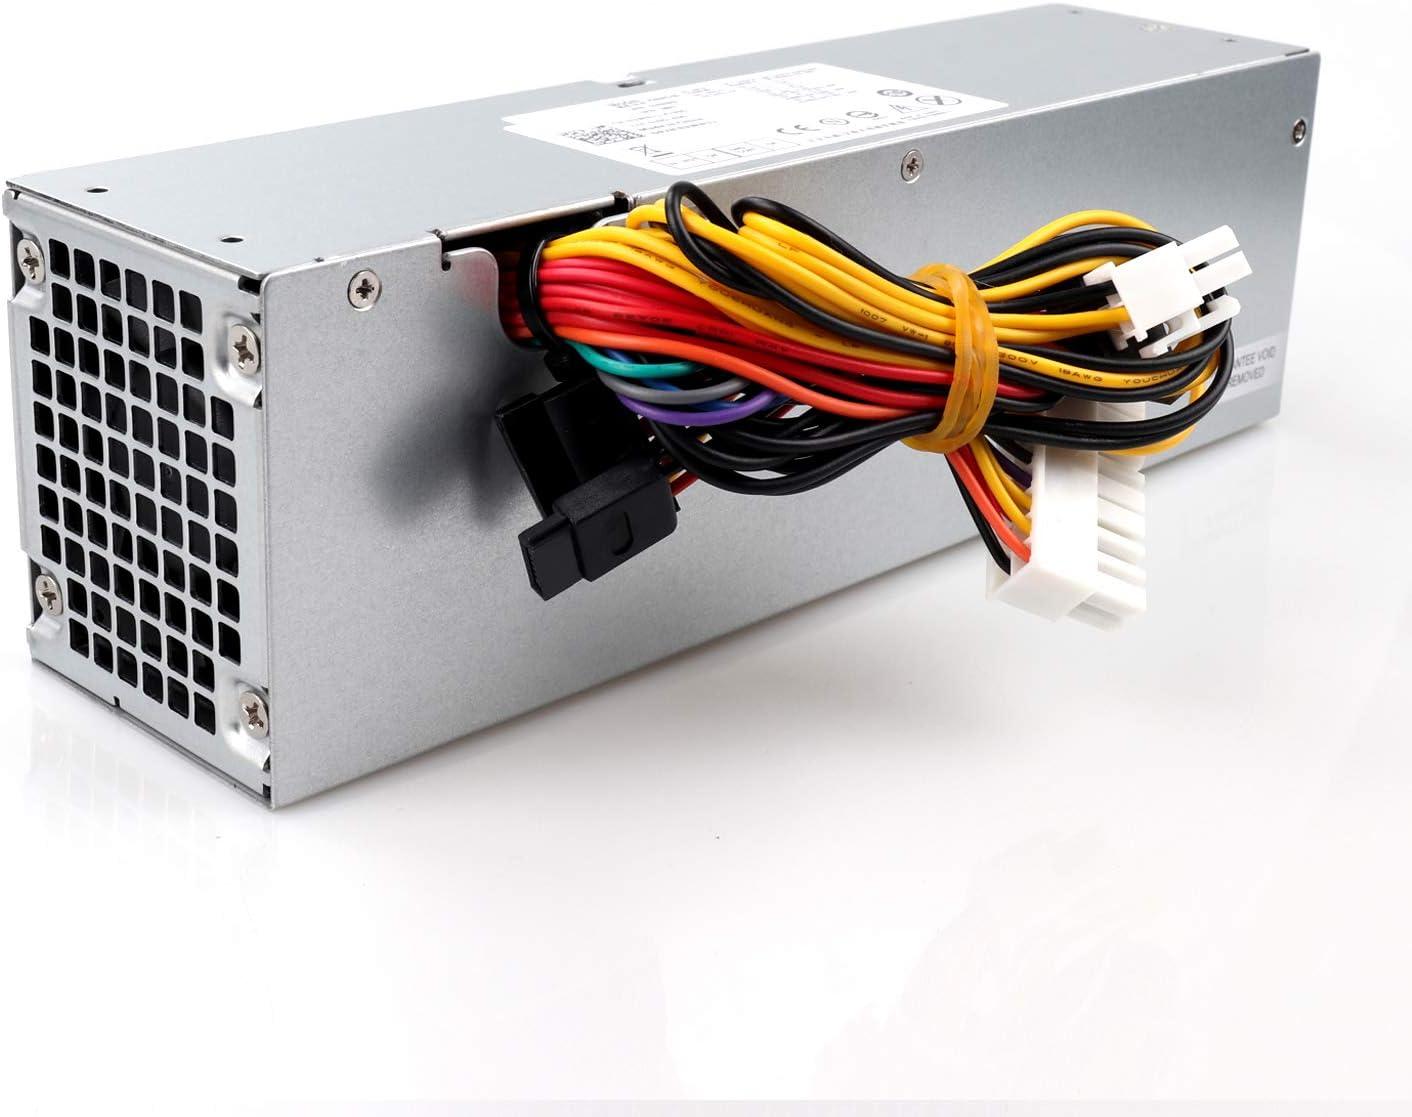 Zoravson 240W Power Supply Unit for Dell OptiPlex 390 790 960 990 3010 9010 Small Form Factor System SFF H240AS-00 H240AS-01 H240ES-00 D240ES-00 AC240AS-00 AC240ES-00 L240AS-00 3WN11 PH3C2 2TXYM 709MT